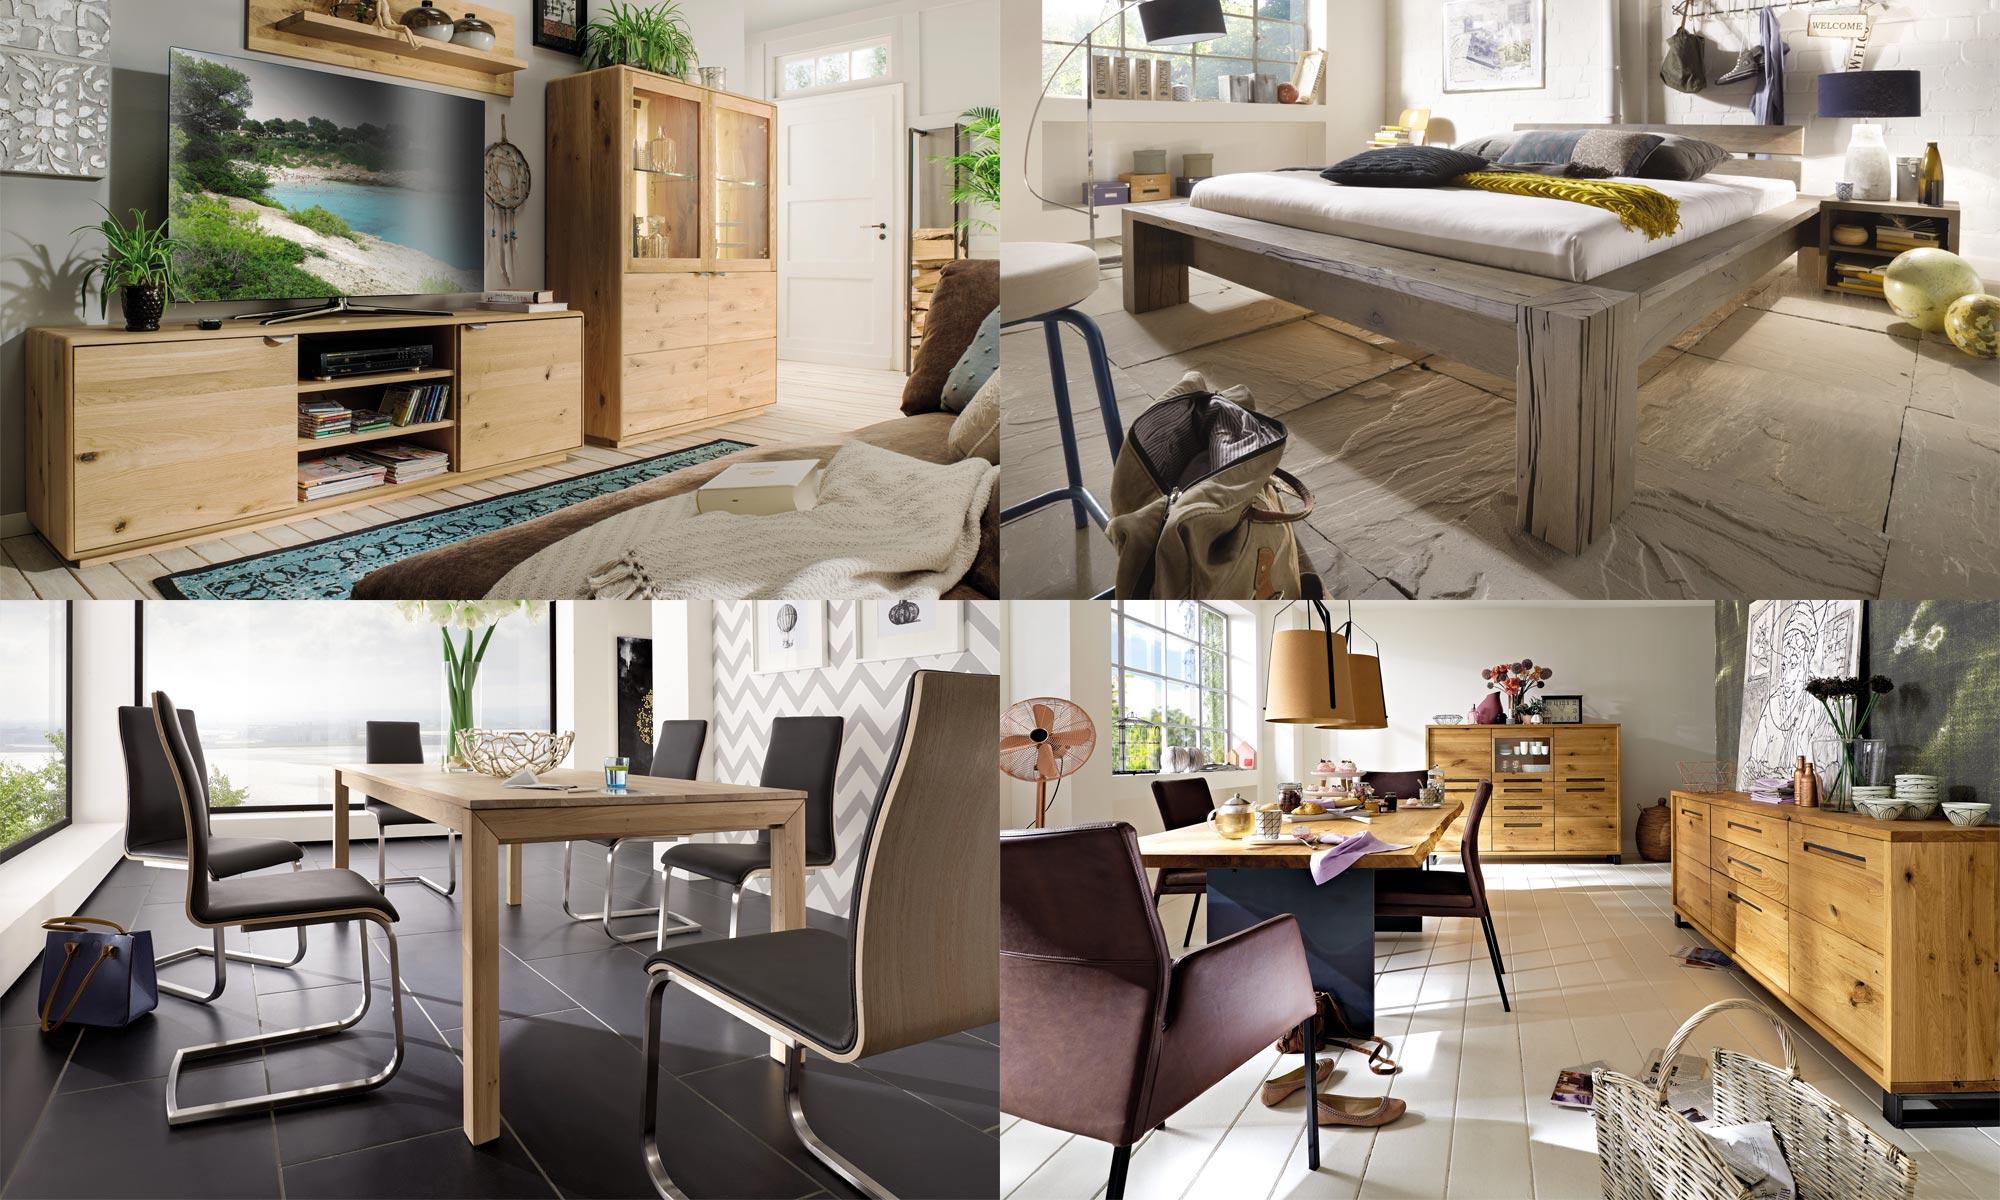 holzmbel aufarbeiten mit laserdru machen ho lackieren holz schwarzes giessen selber schwarz. Black Bedroom Furniture Sets. Home Design Ideas